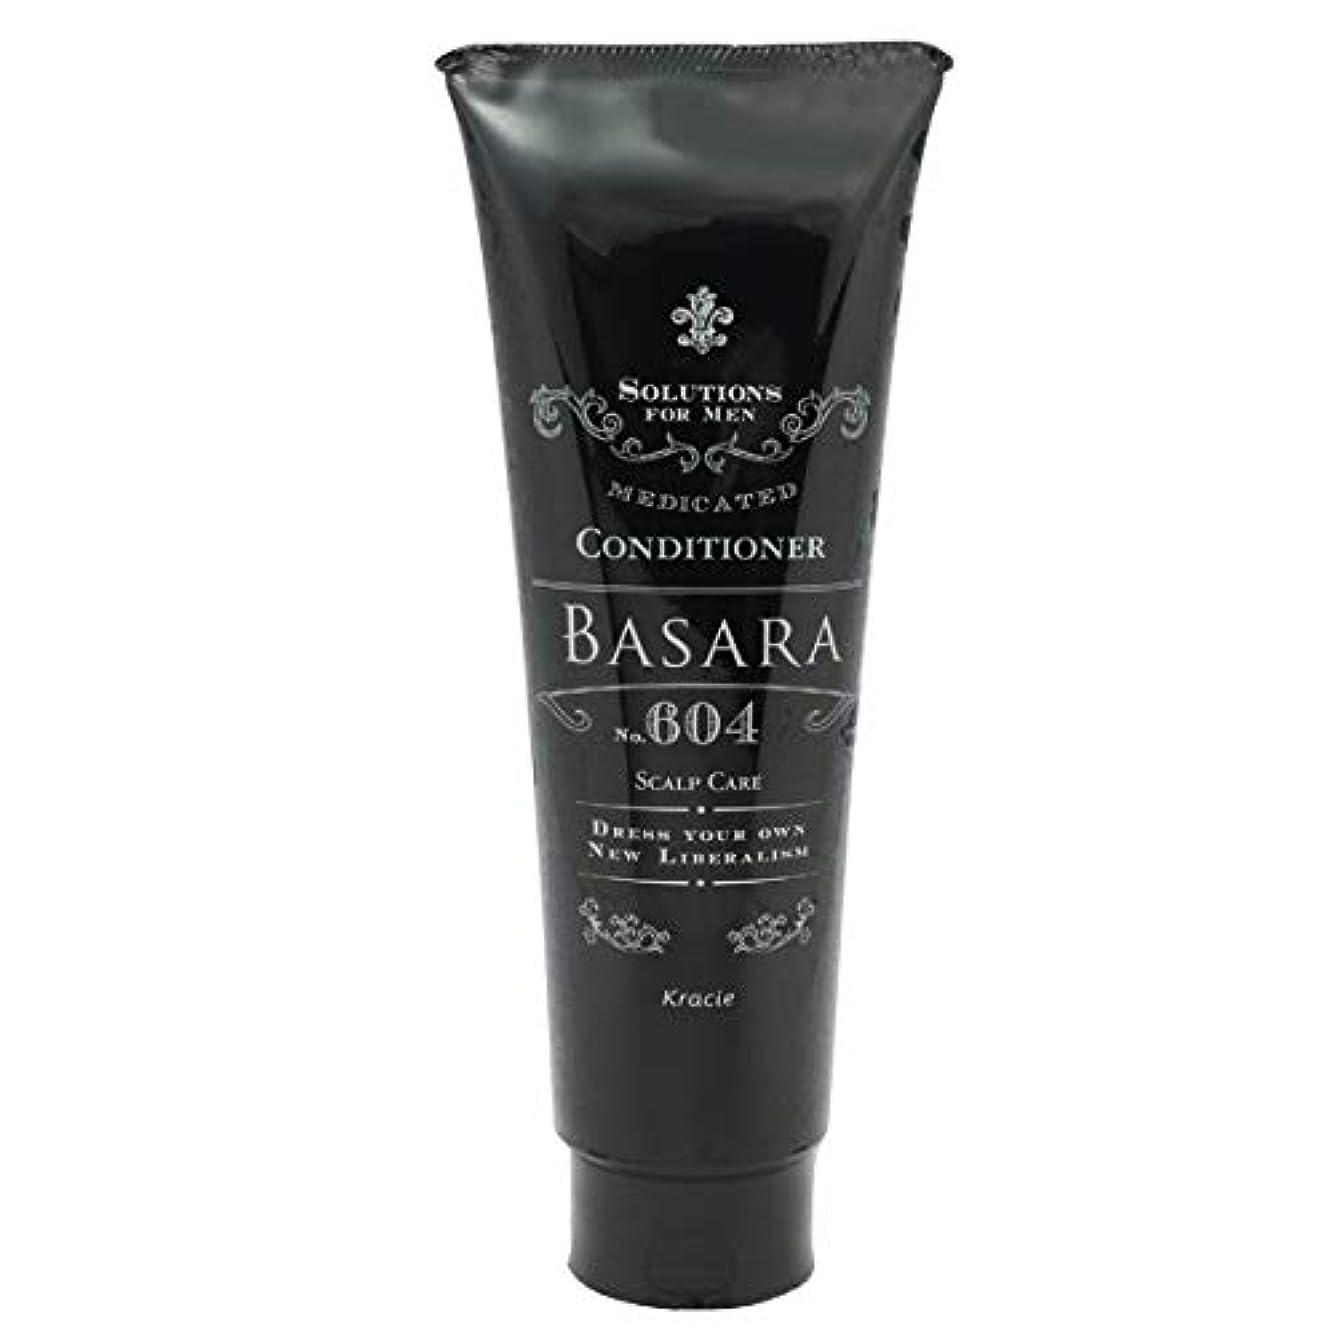 規模蓄積する雄大なサロンモード(Salon Mode) クラシエ バサラ 薬用スカルプ コンディショナー 604 250g